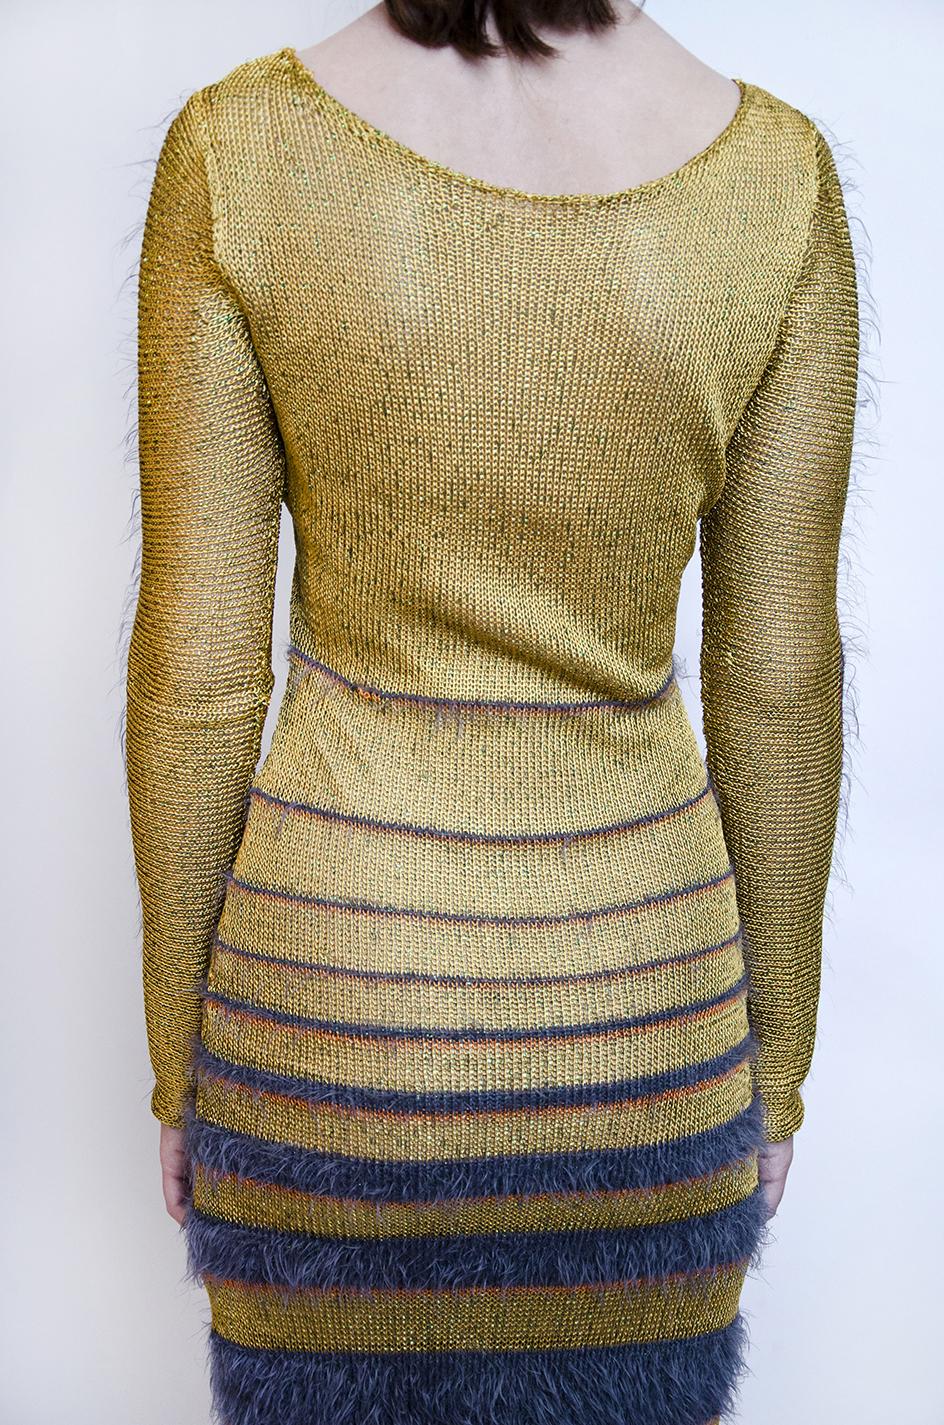 beetle_dress_005_DSC_3277.JPG